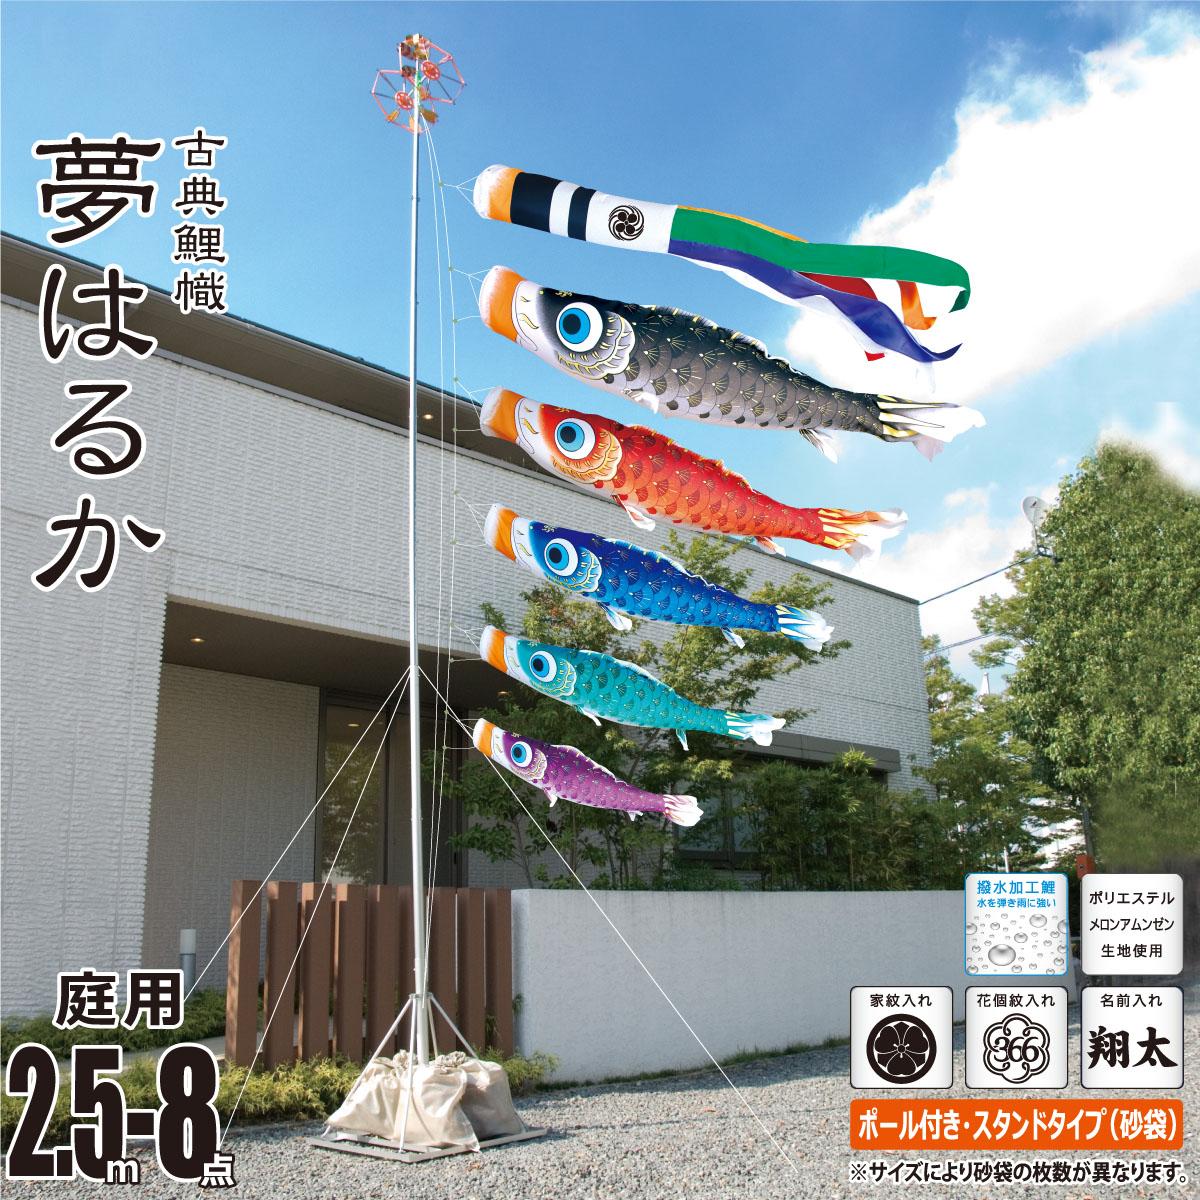 こいのぼり 2.5m 夢はるか 8点 (矢車、ロープ、吹流し、鯉5匹) 庭園用 スタンドセット (庭用 スタンド 砂袋4枚入り) 徳永鯉のぼり KIT-116-170